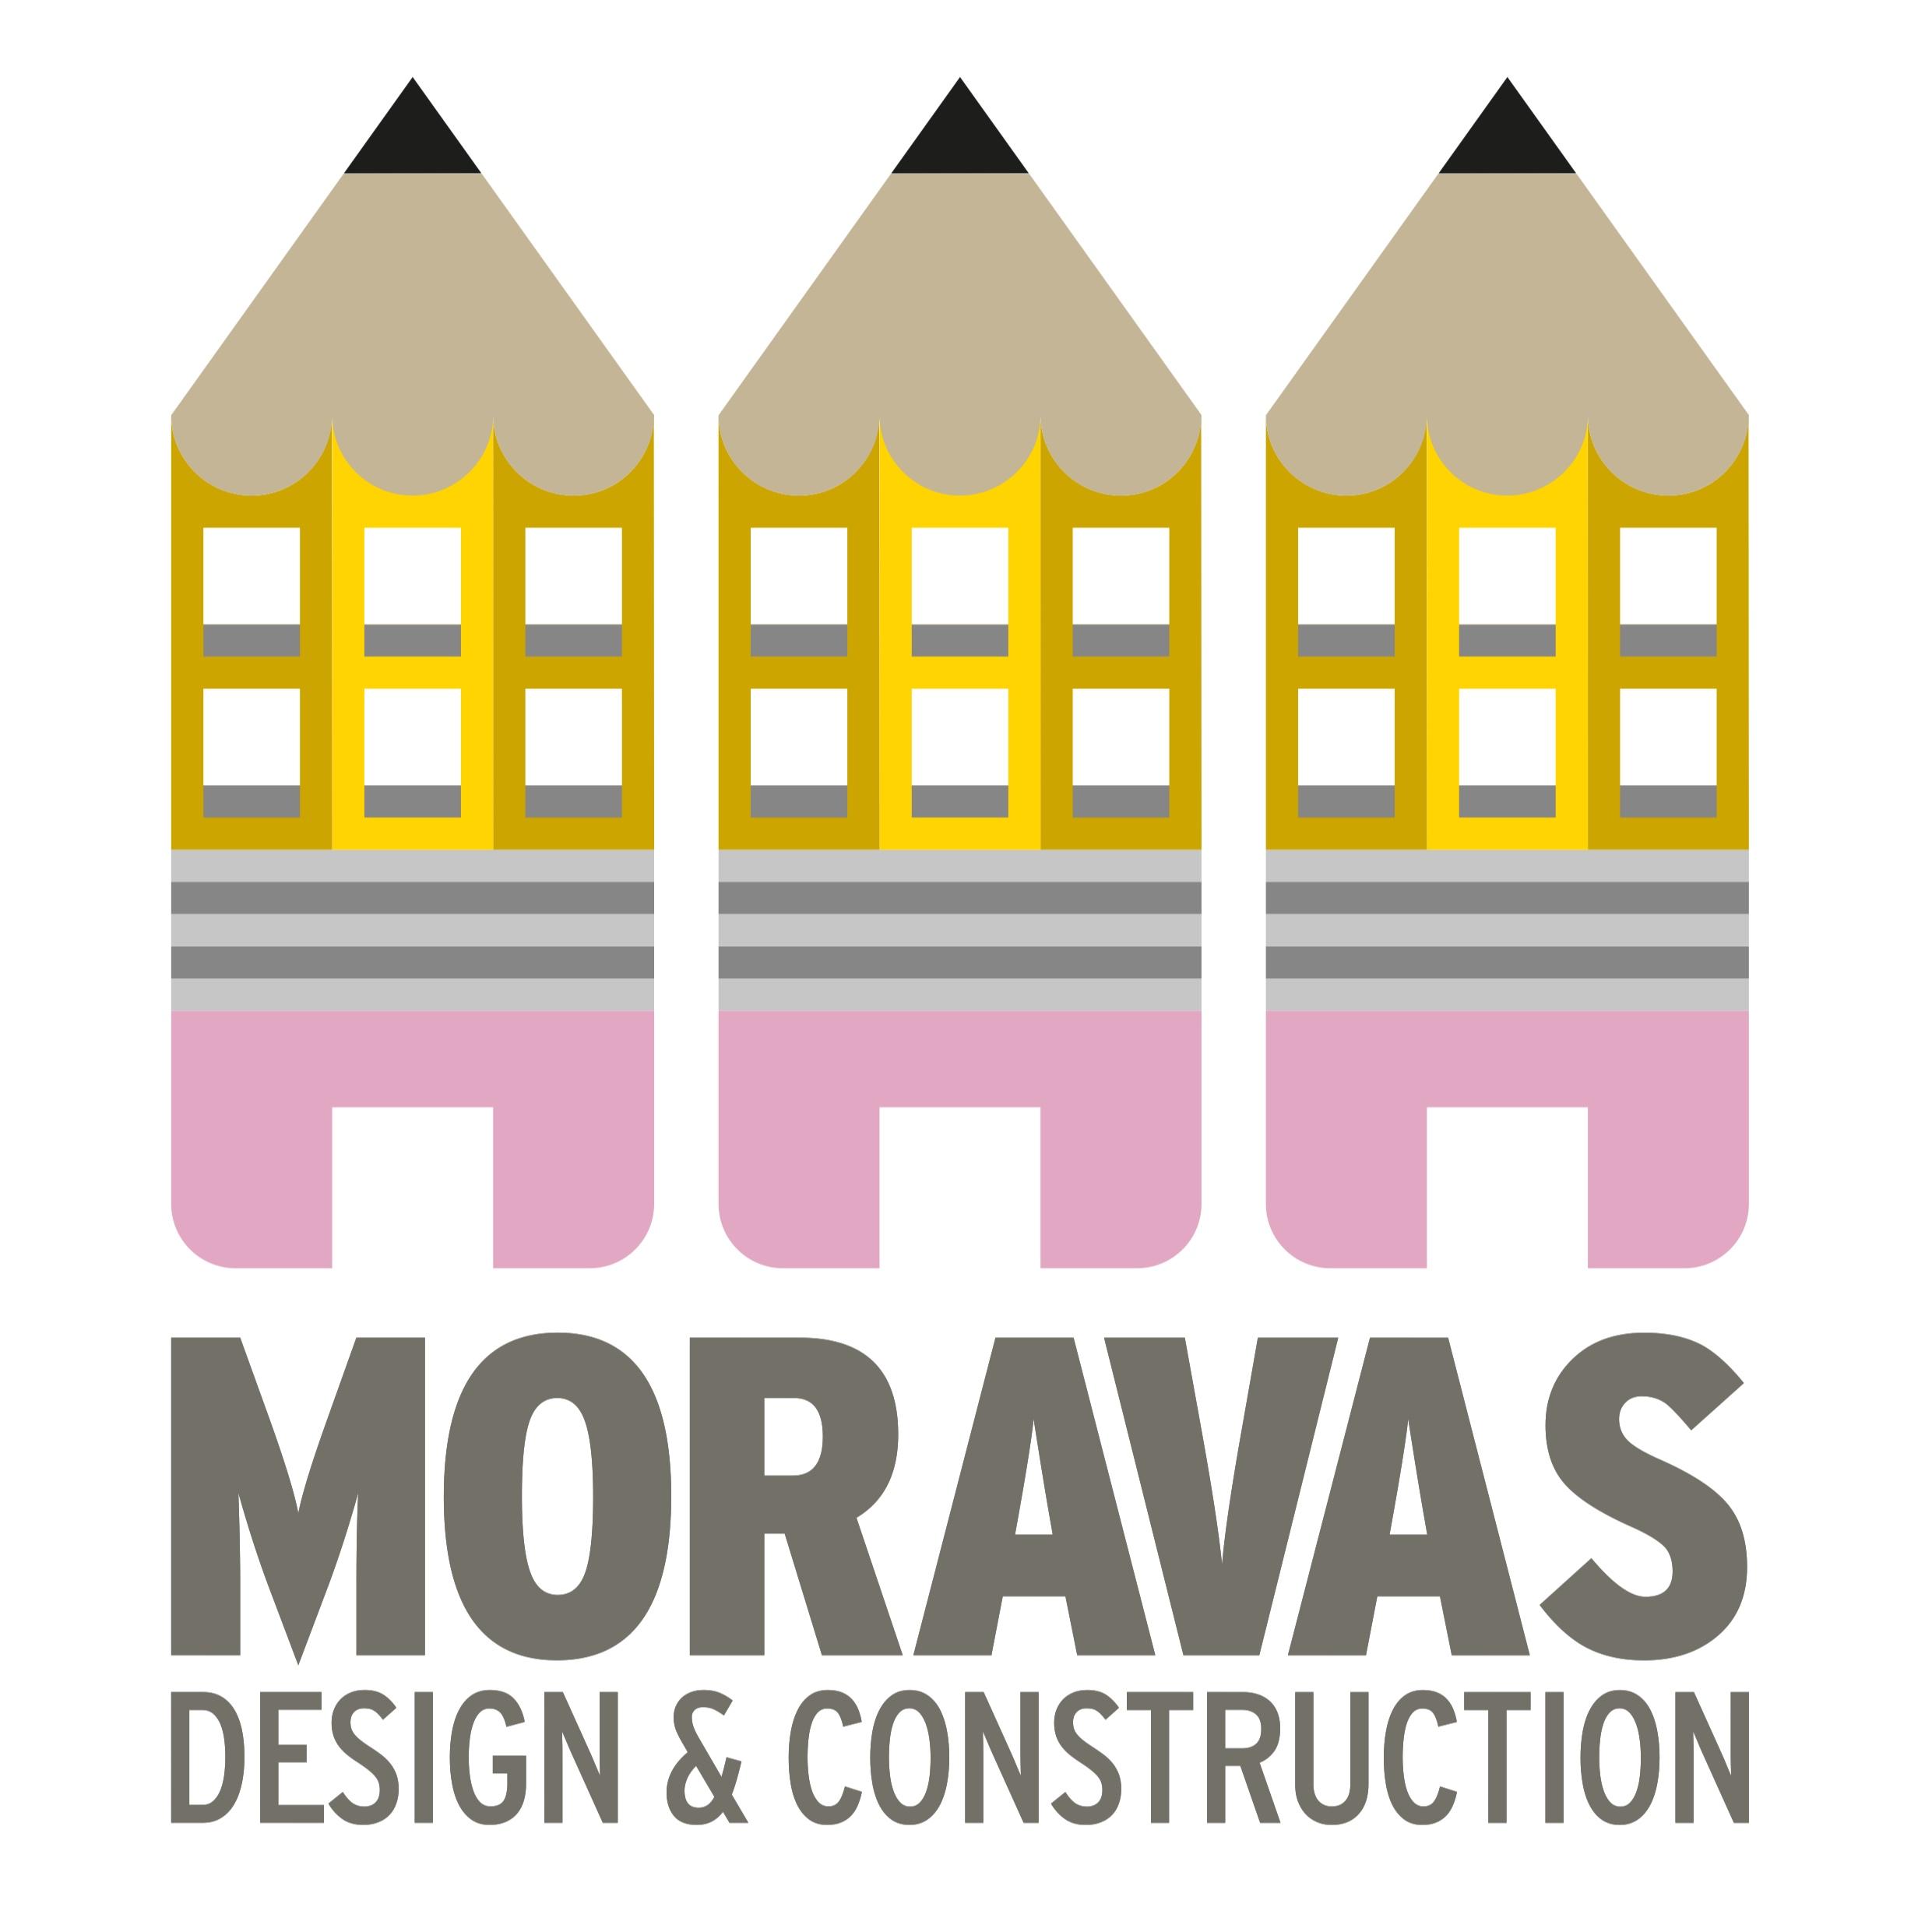 LOGO+MORAVAS.jpg